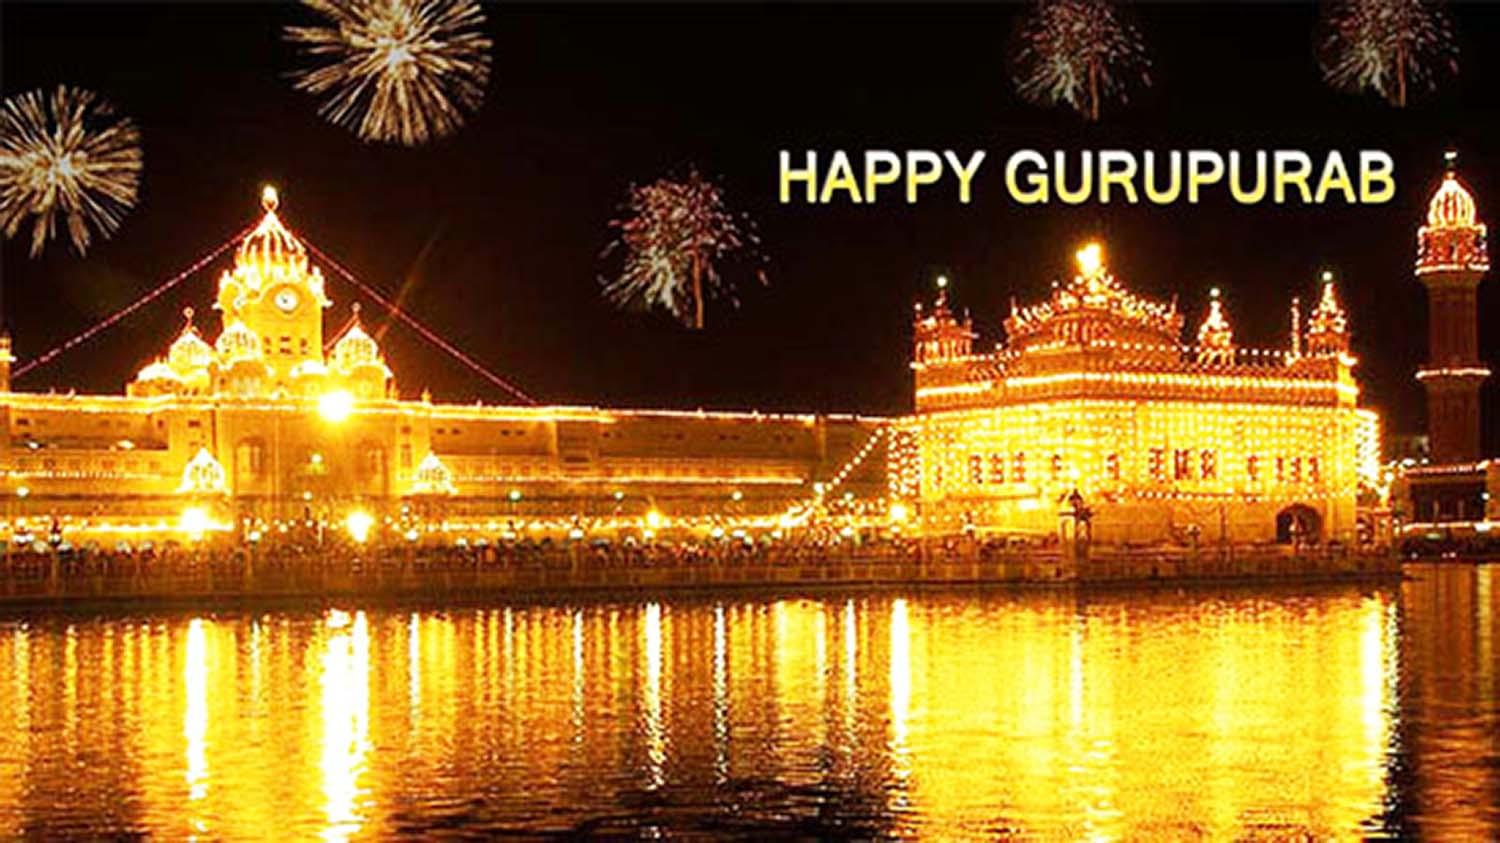 Guru Nanak Dev Ji Hd Wallpaper Happy Gurupurab Images Hd Pictures Wallpapers And